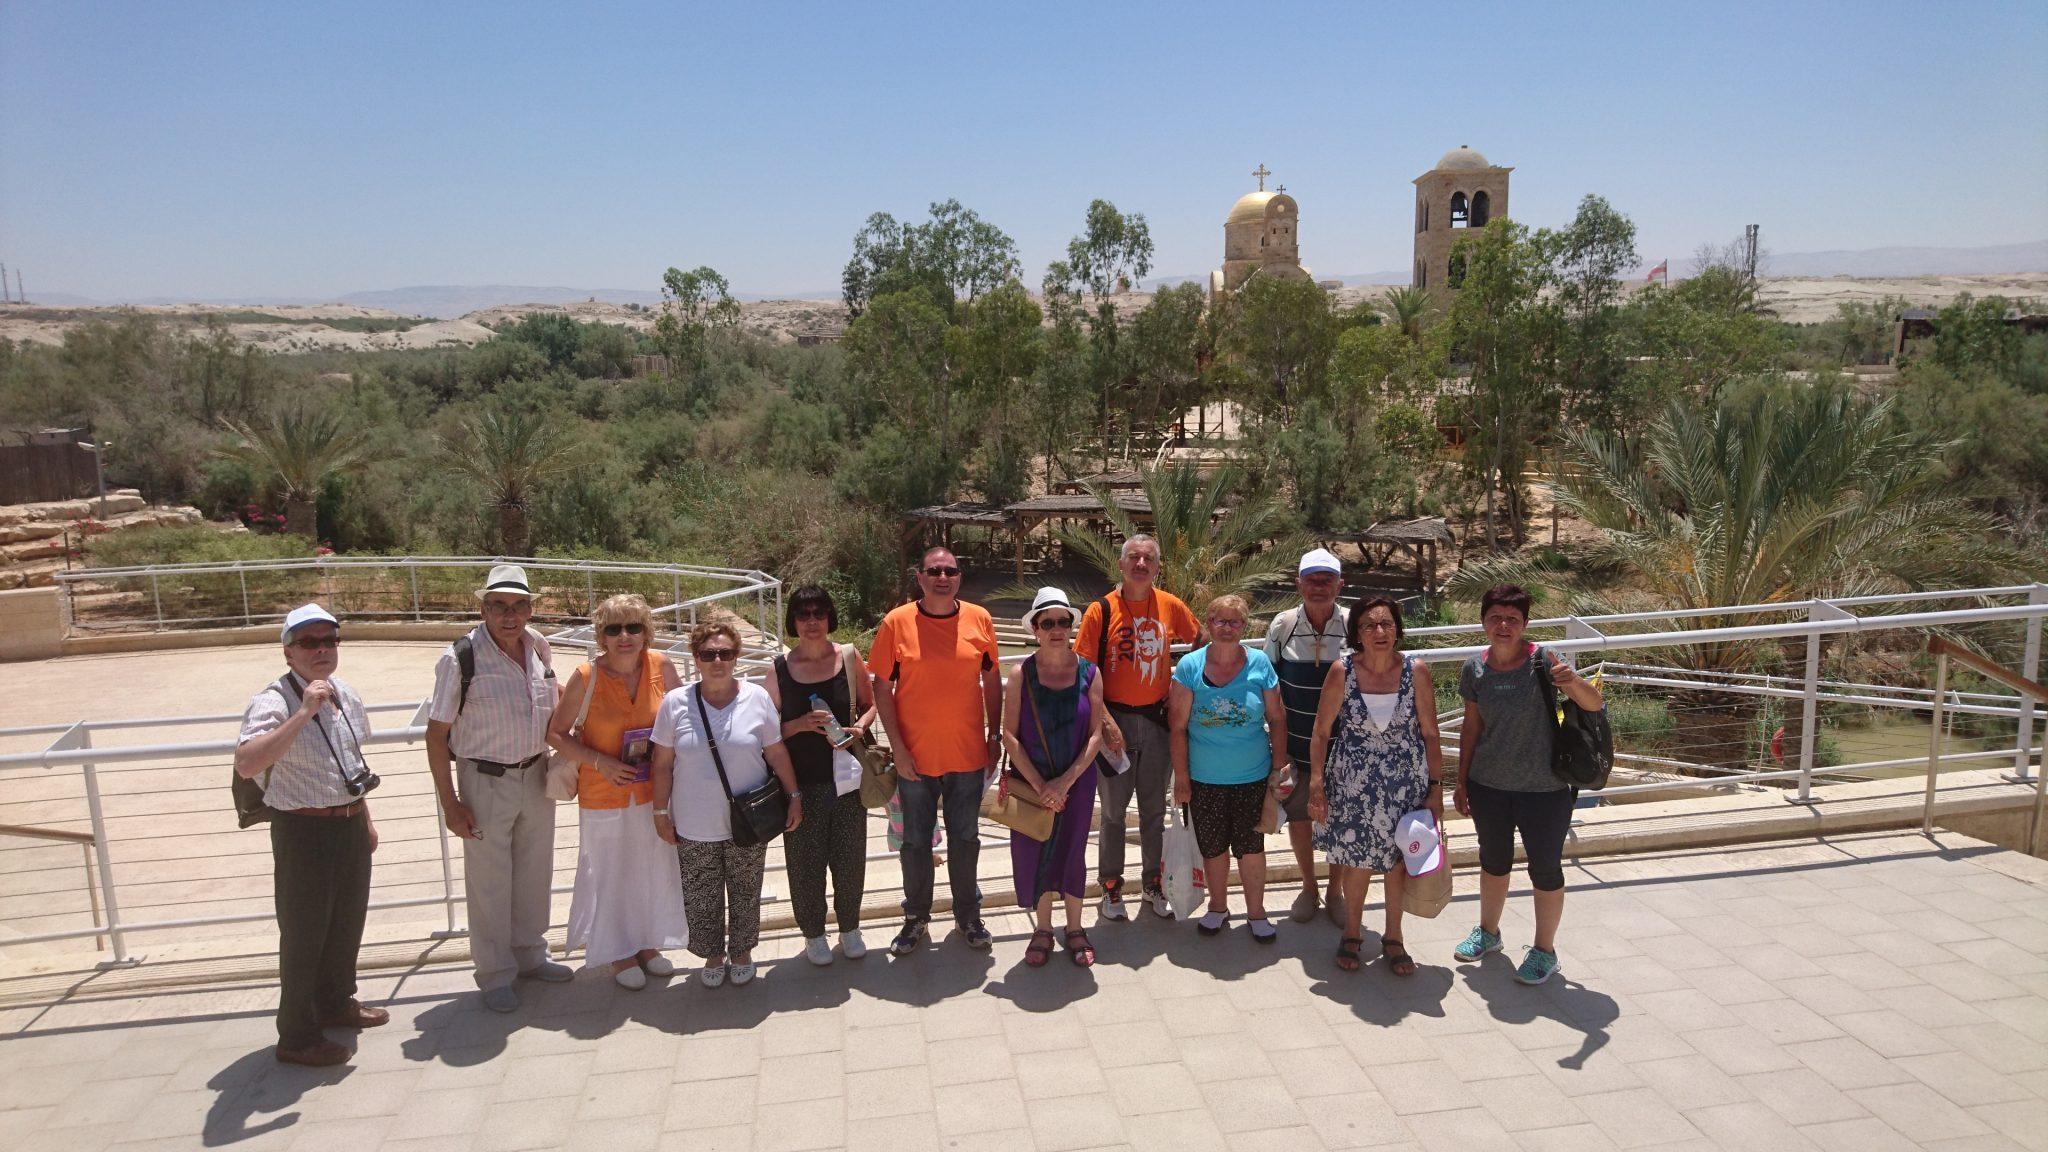 Los participantes en la peregrinación en el lugar del bautismo del Señor.